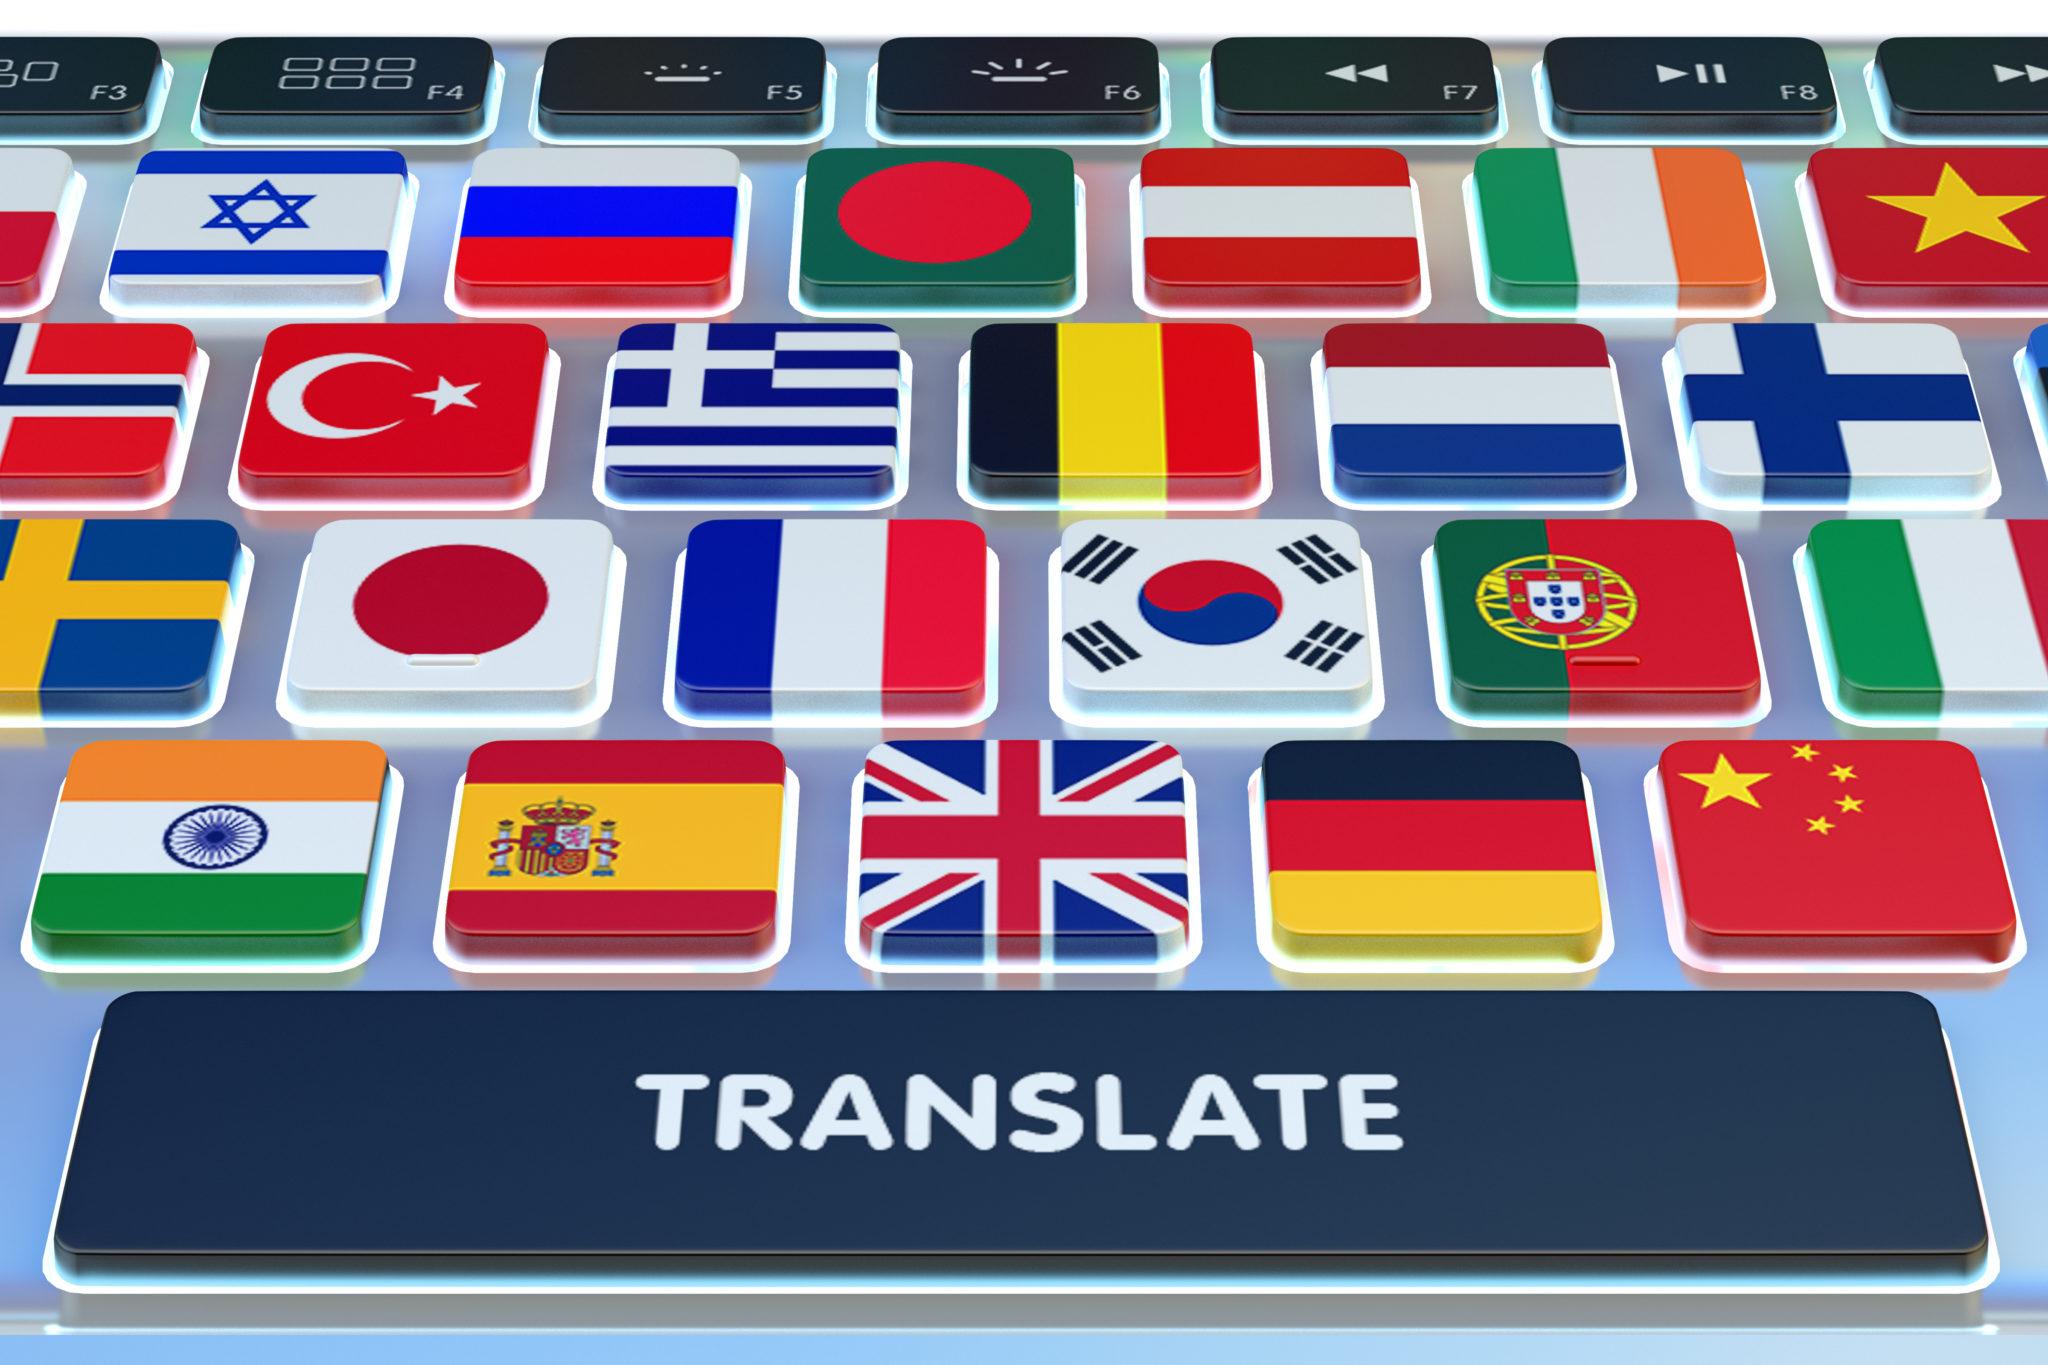 ベトナム語翻訳・第16章:ベトナム語翻訳の上訳のスキル・パート1